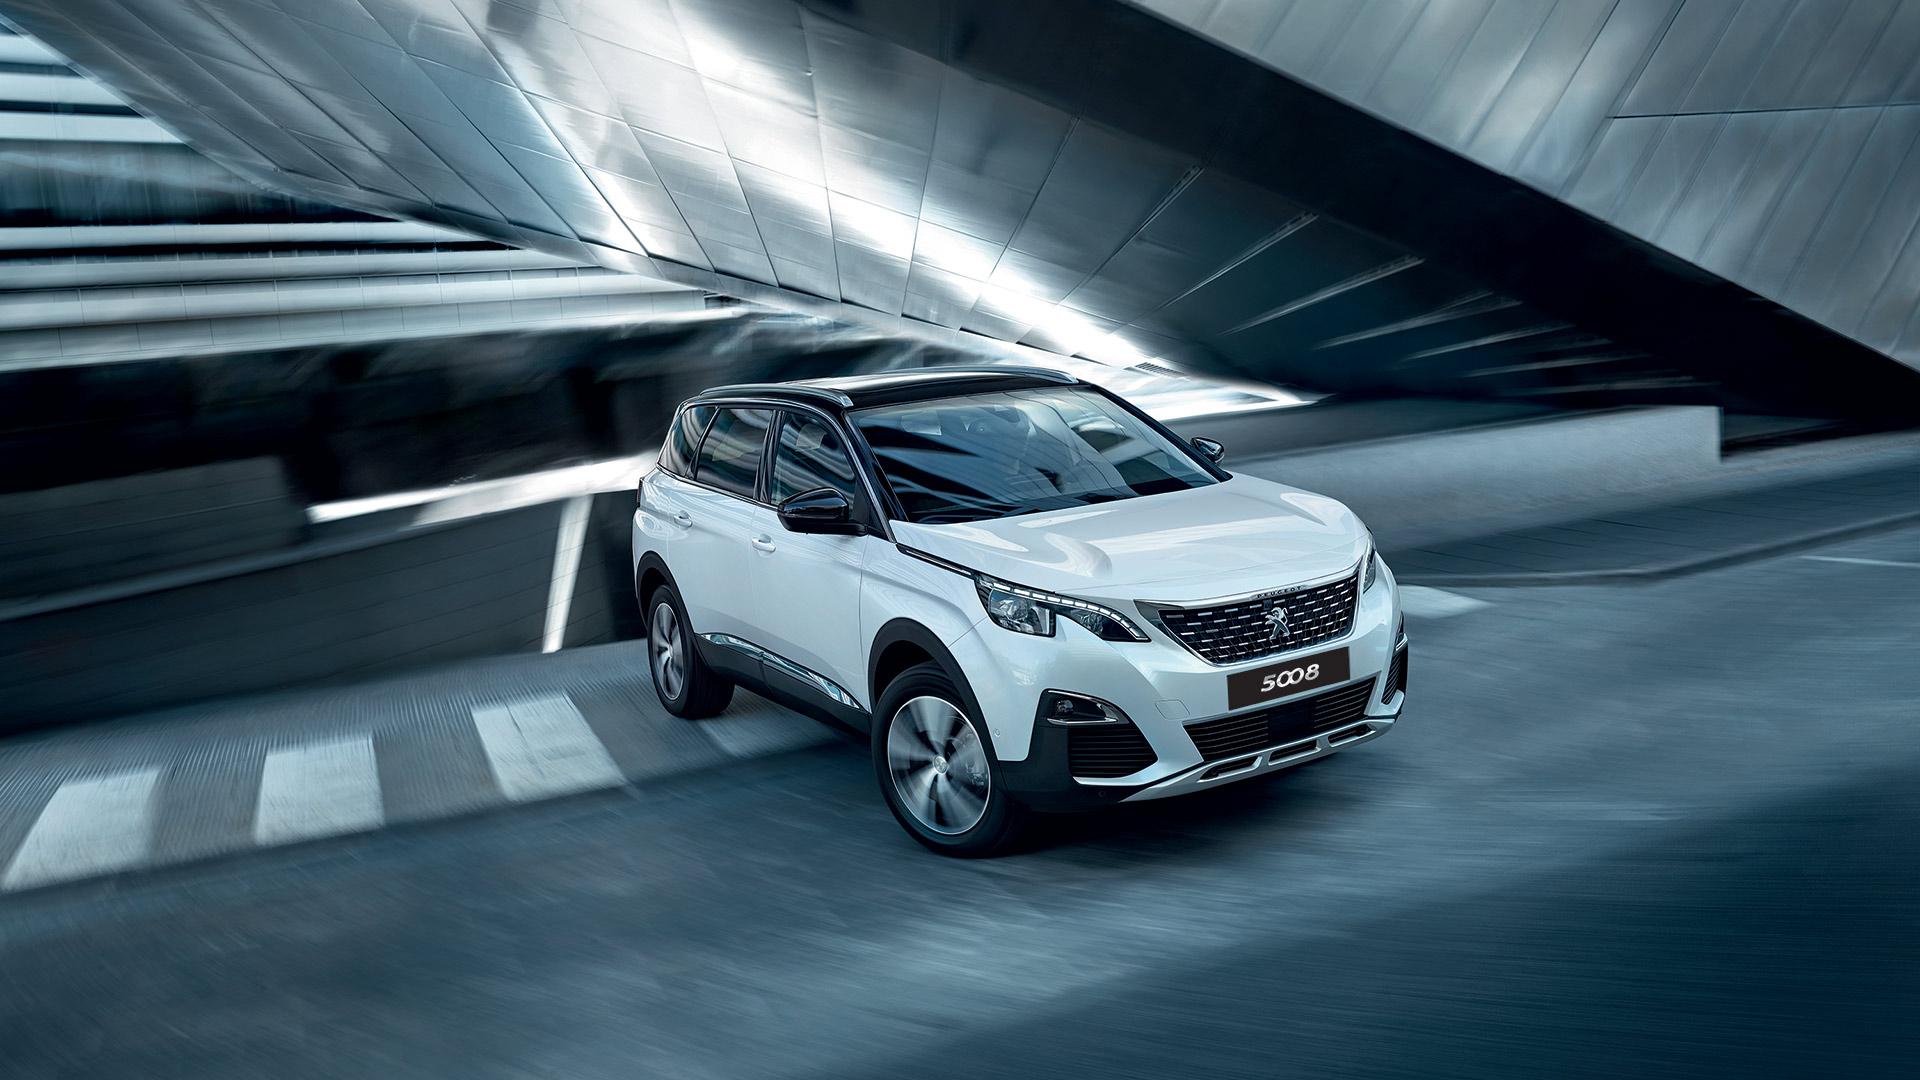 """Peugeot 5008 - Đối thủ """"nặng ký"""" trong phân khúc SUV 7 chỗ peugeot-5008-05.jpg"""